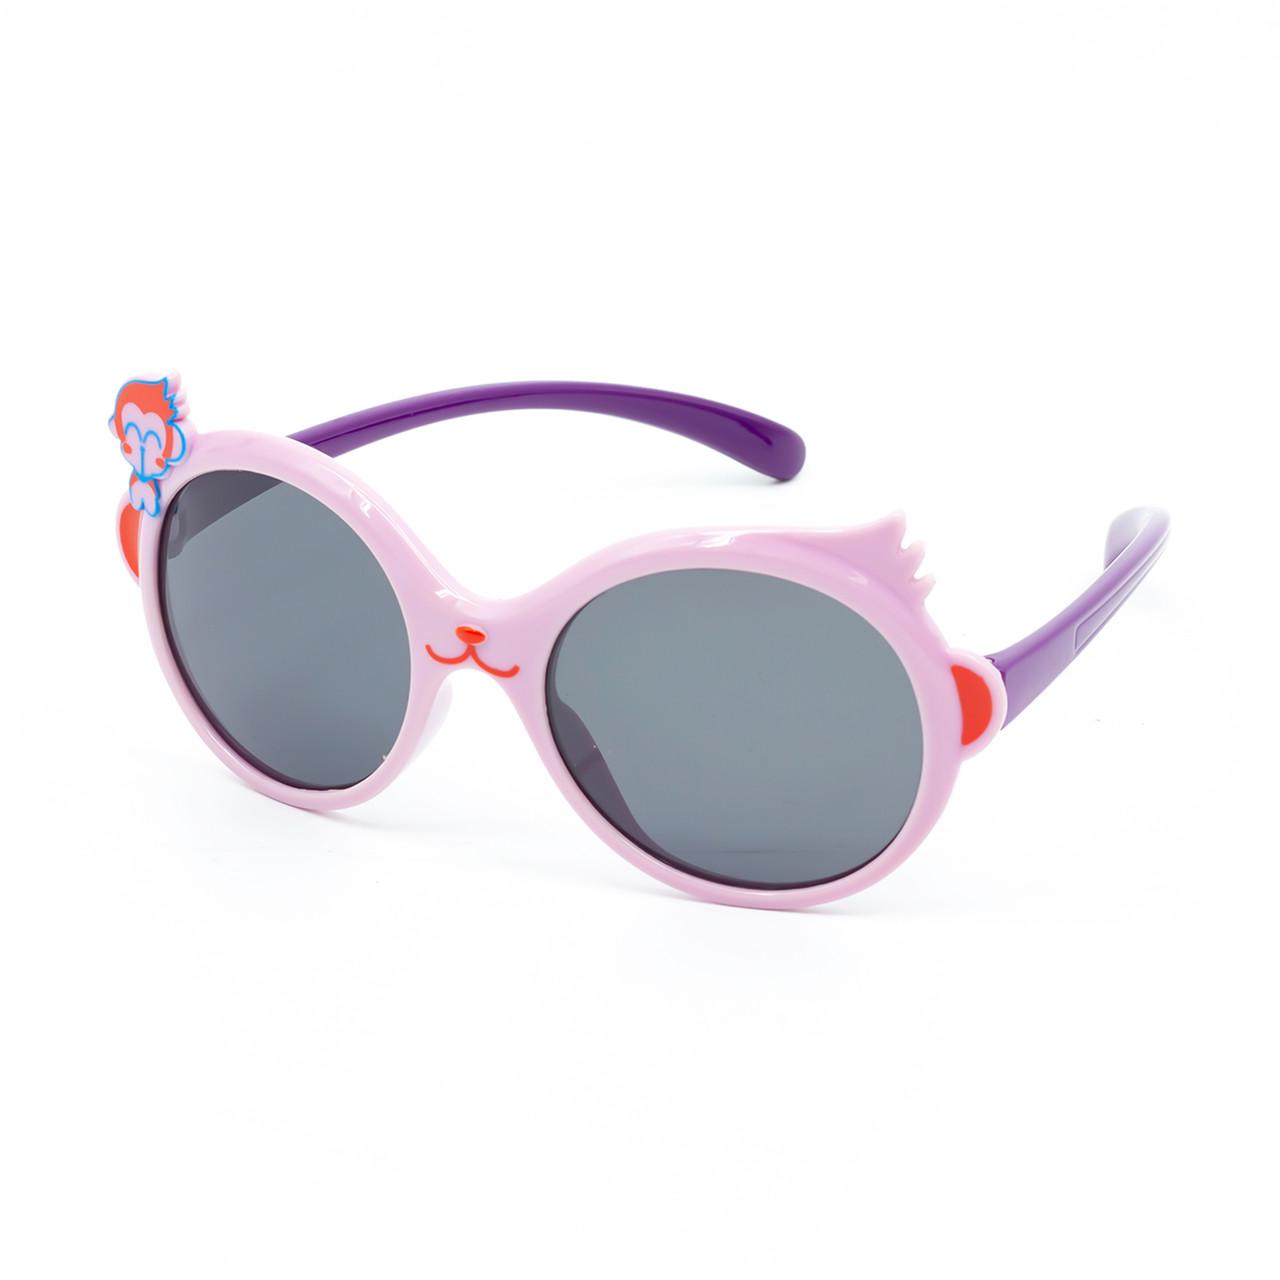 Солнцезащитные очки Marmilen P18145 C8 лавандово  сиреневые    ( KAP18145-08 )